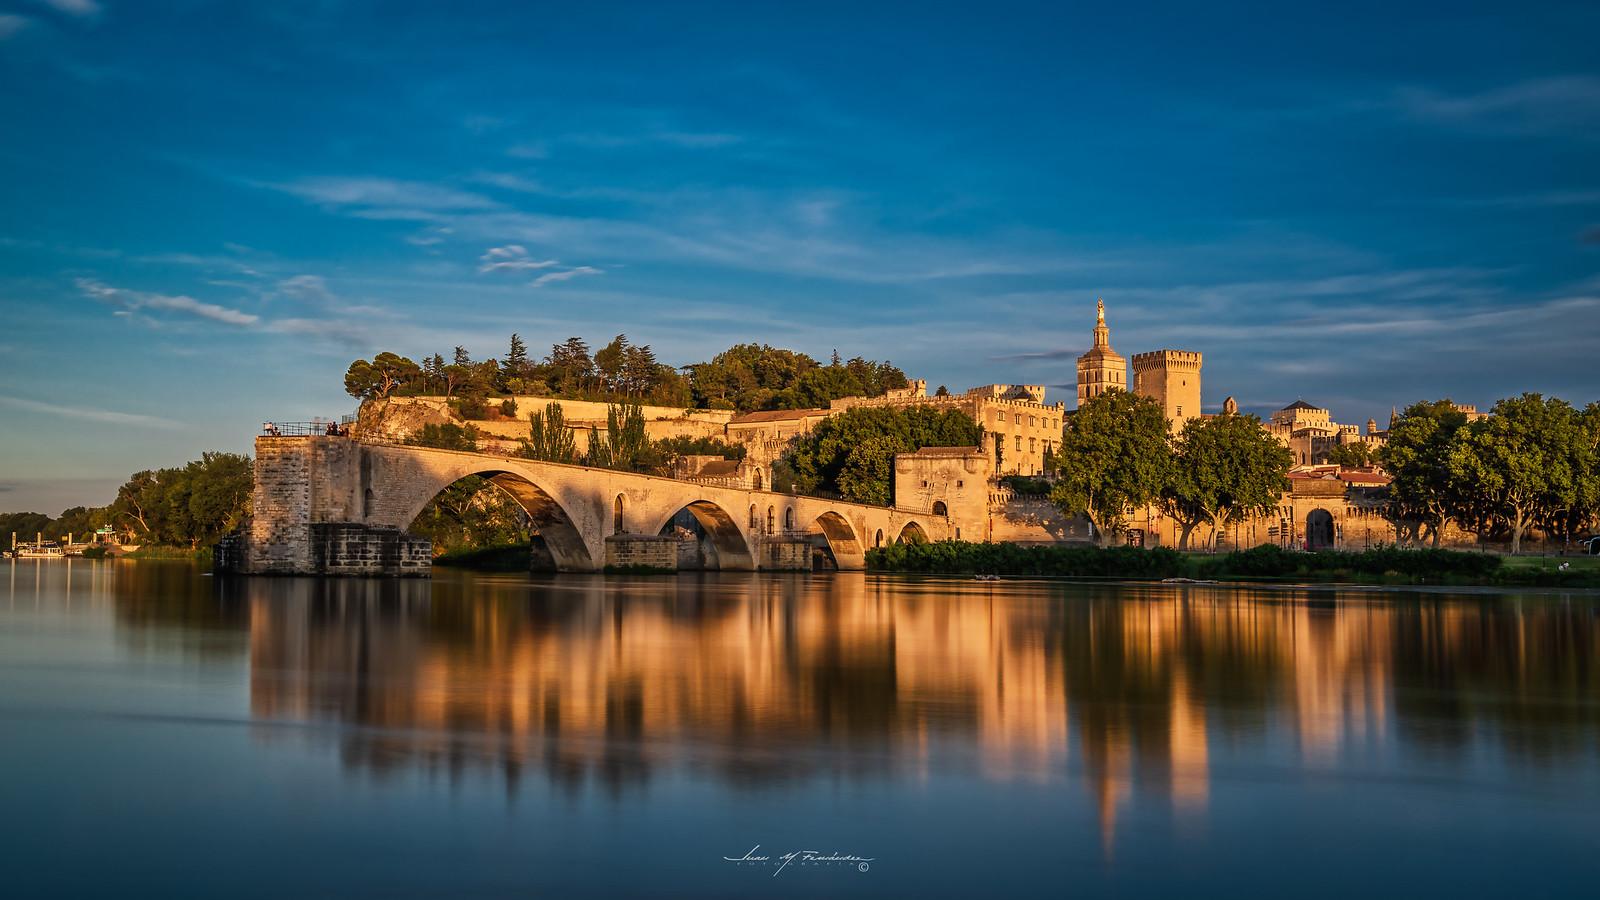 le pont d'Avignon en Paisajes48644452257_81108f2b8e_h